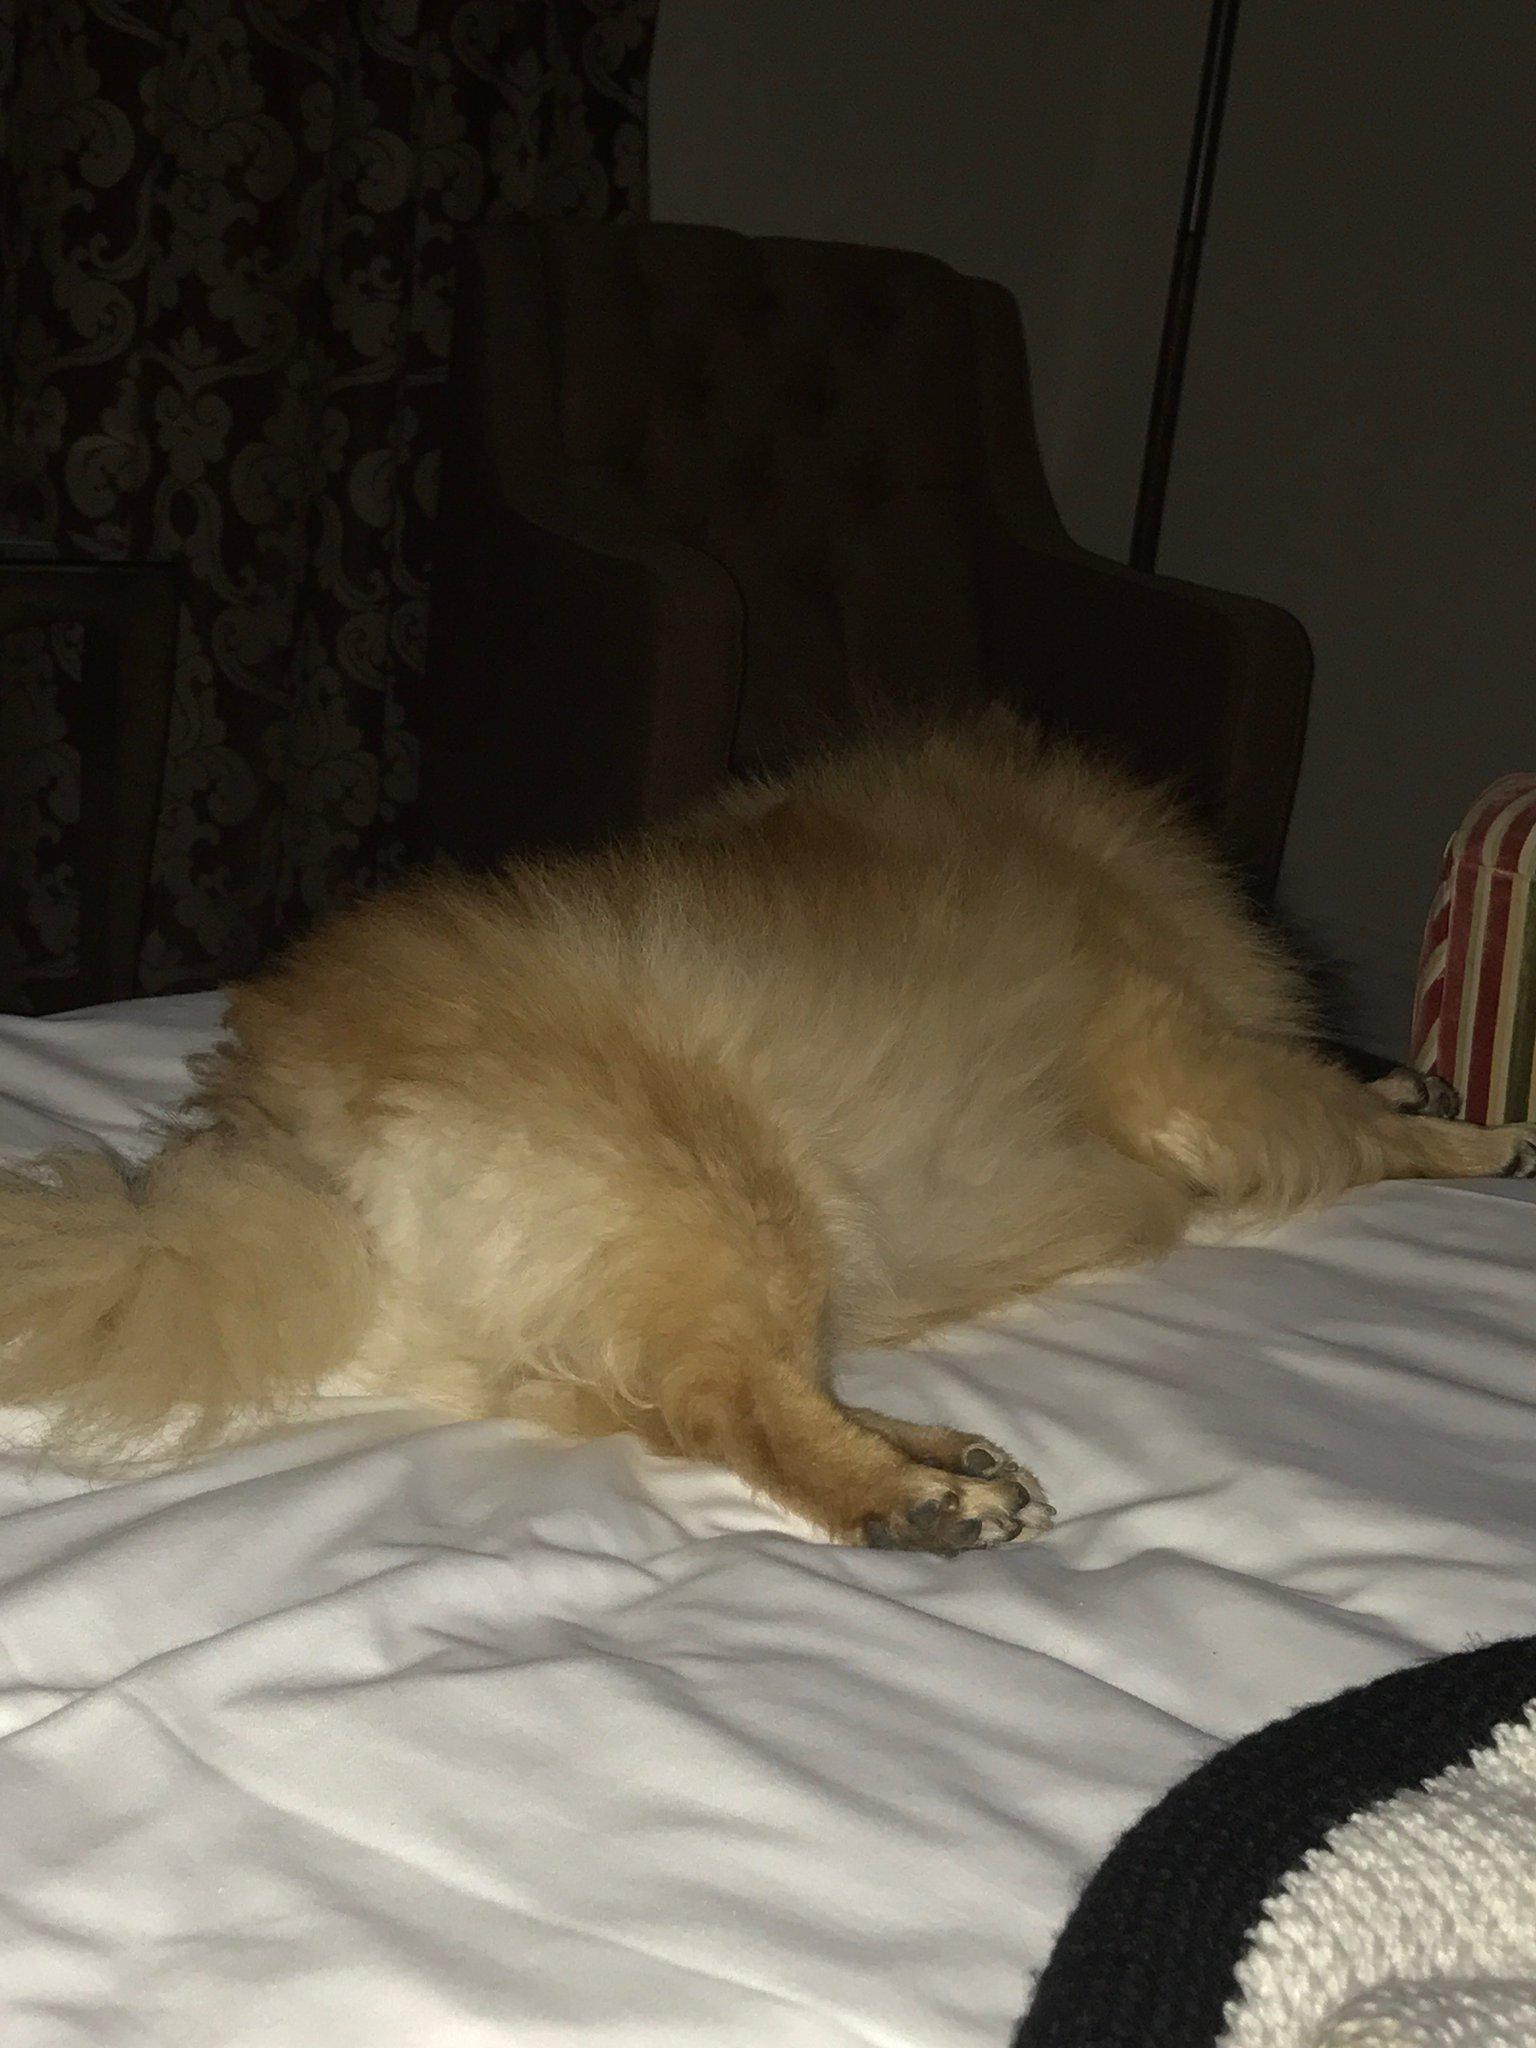 @5HfeatLittleMix He's flat out sleeping ���� https://t.co/3fE3Y4gw0e